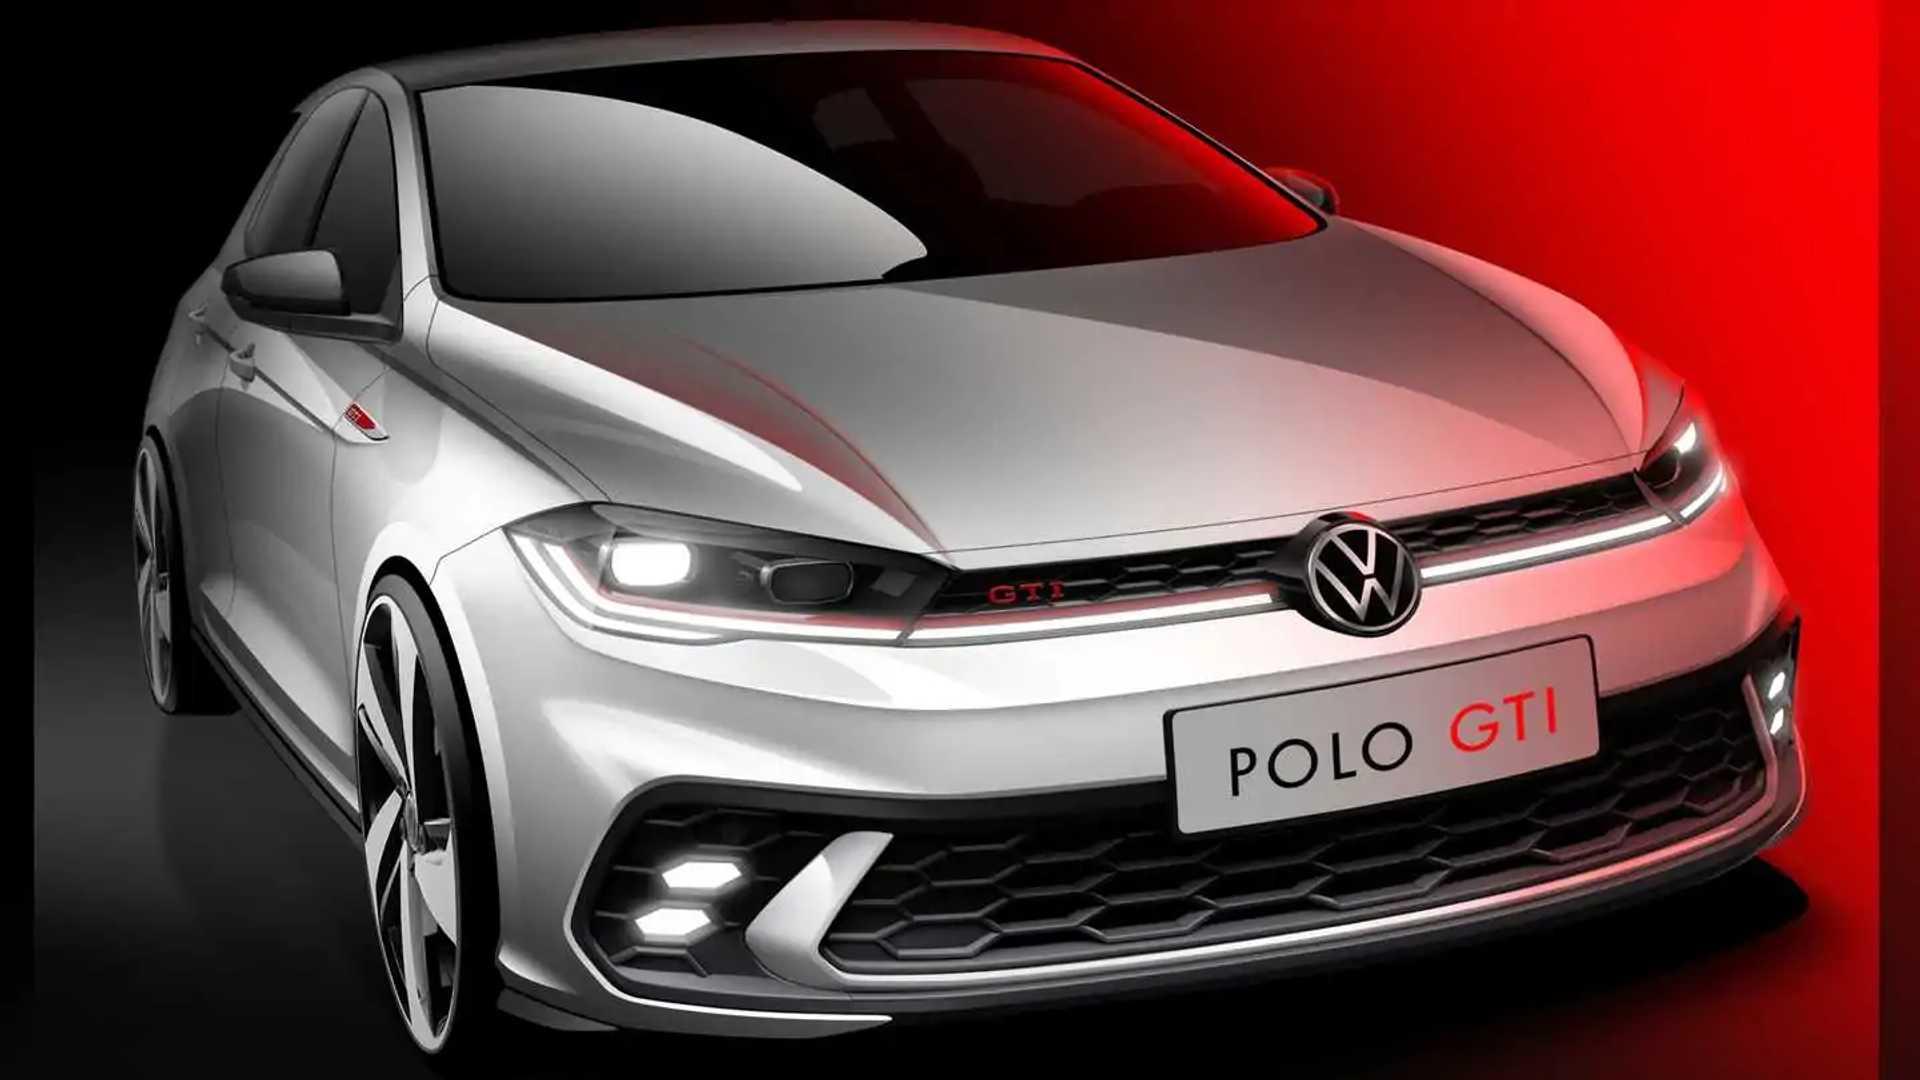 Novo Volkswagen Polo GTI 2022 estreia em junho com 2.0 turbo